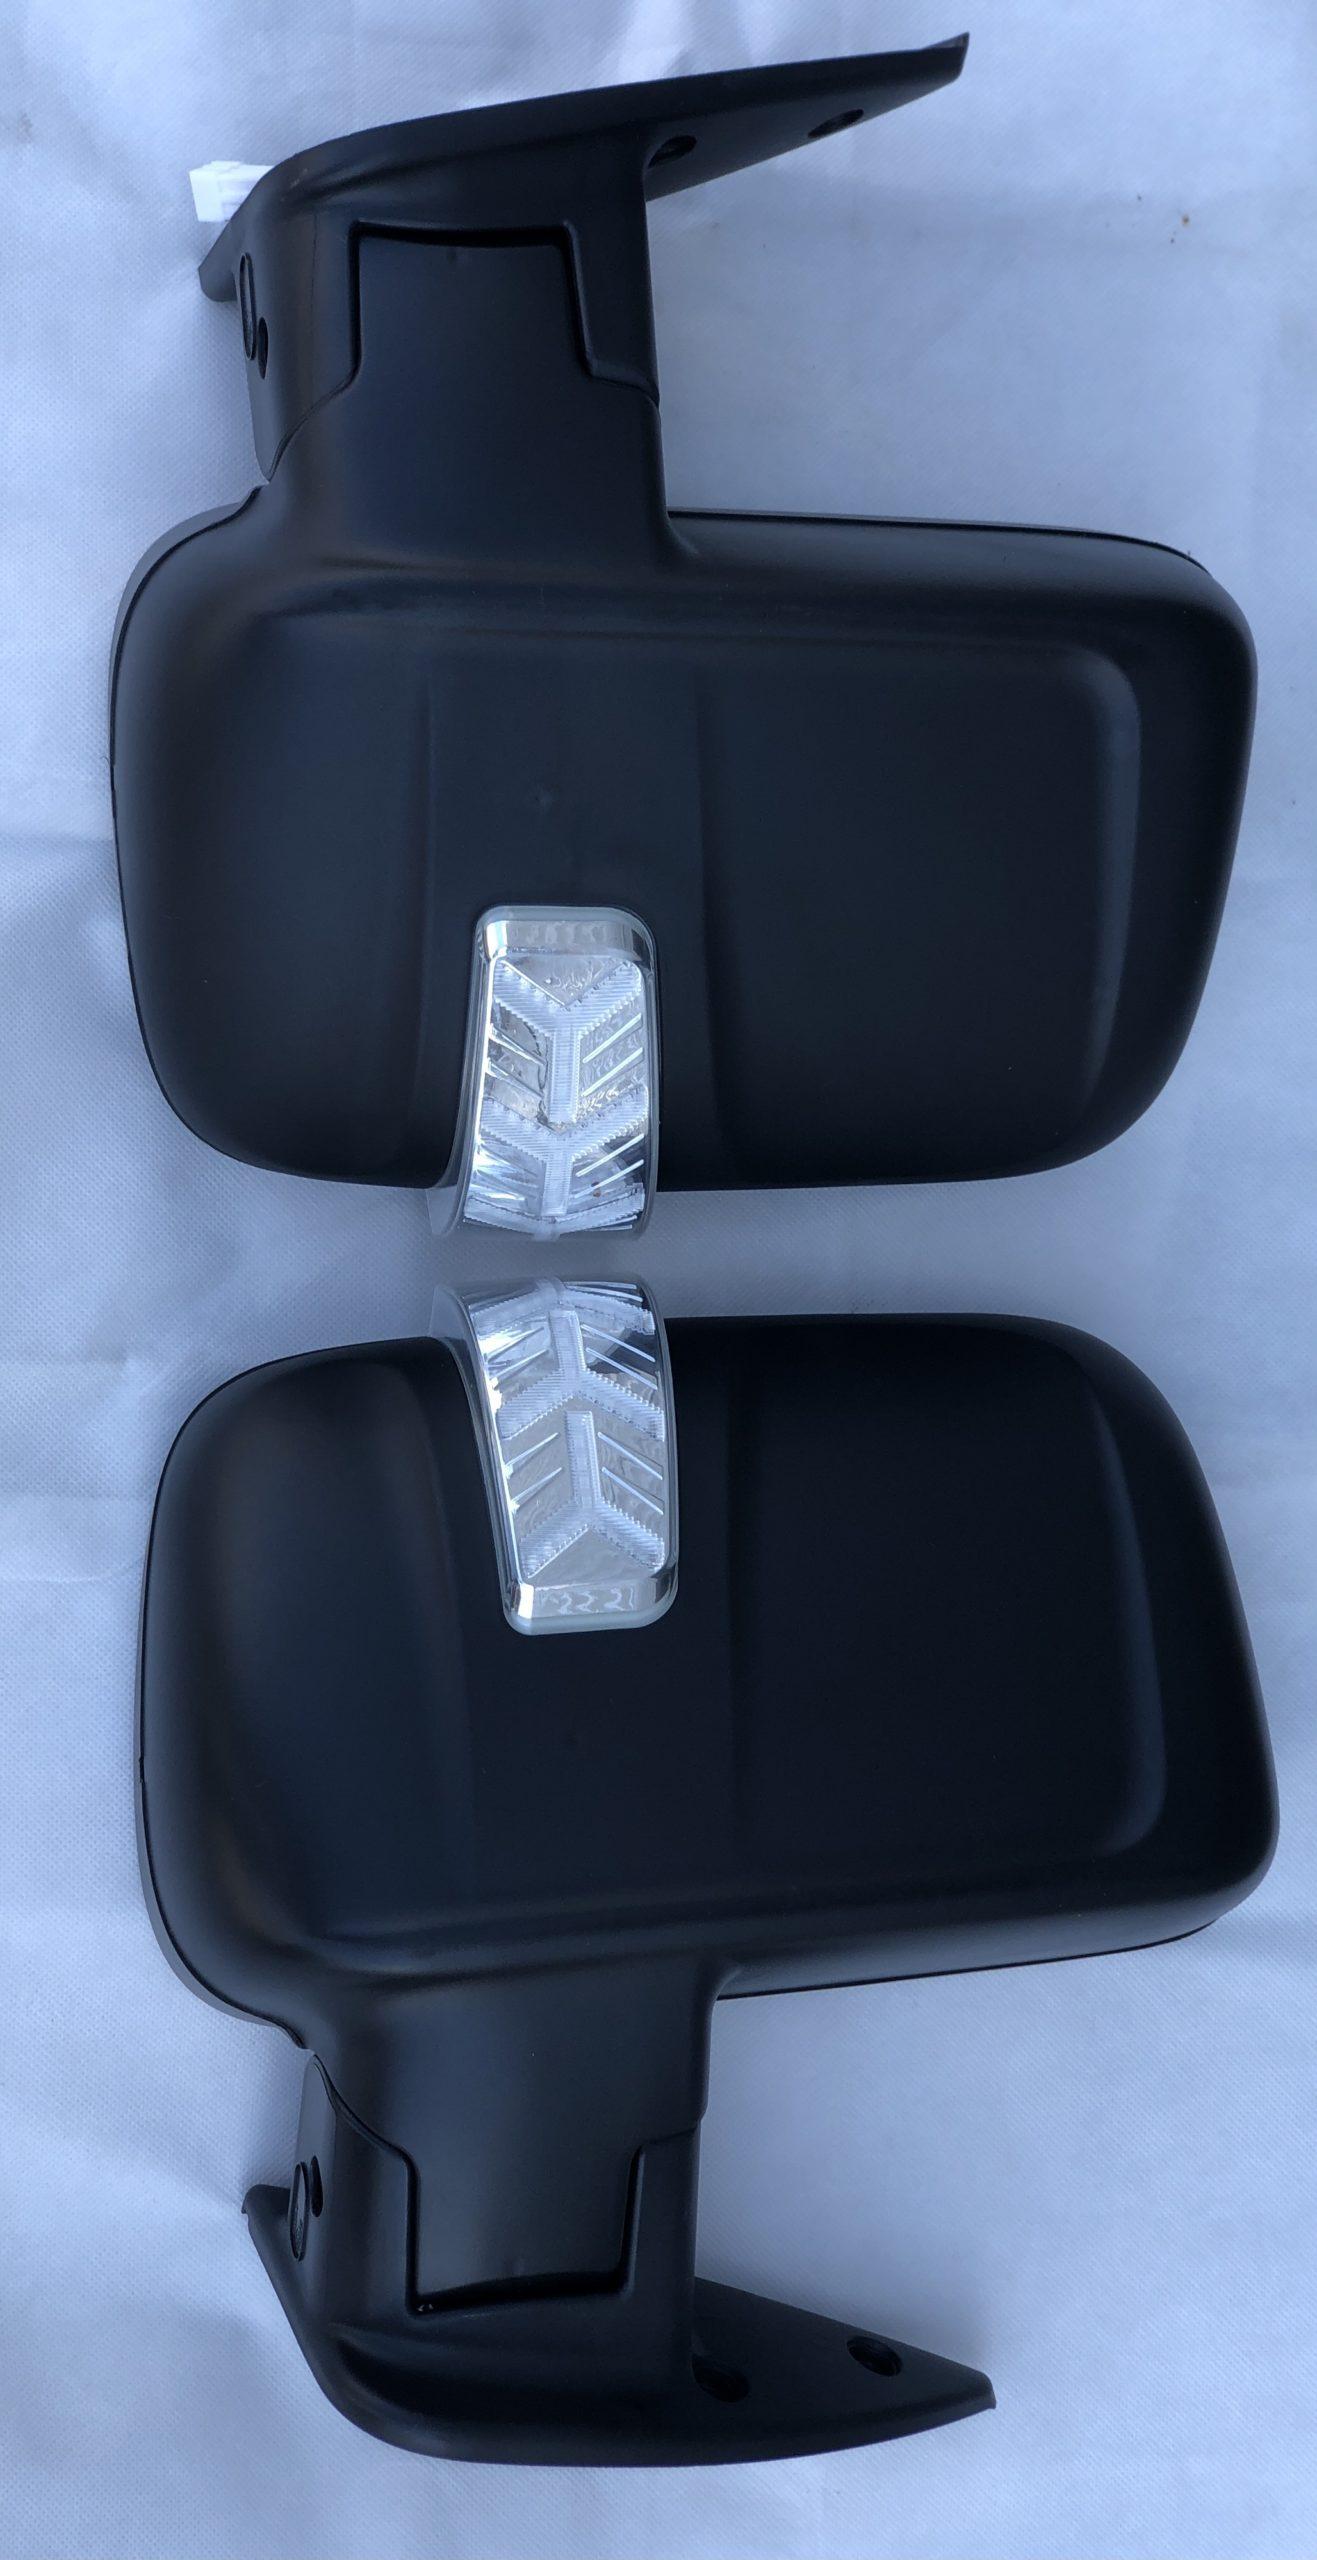 Комплект зеркал на газель Бизнес с БЕГАЮЩИМ повторителем и обогревом (с увеличенным углом обзора) ЧЕРНЫЙ МАТОВЫЙ